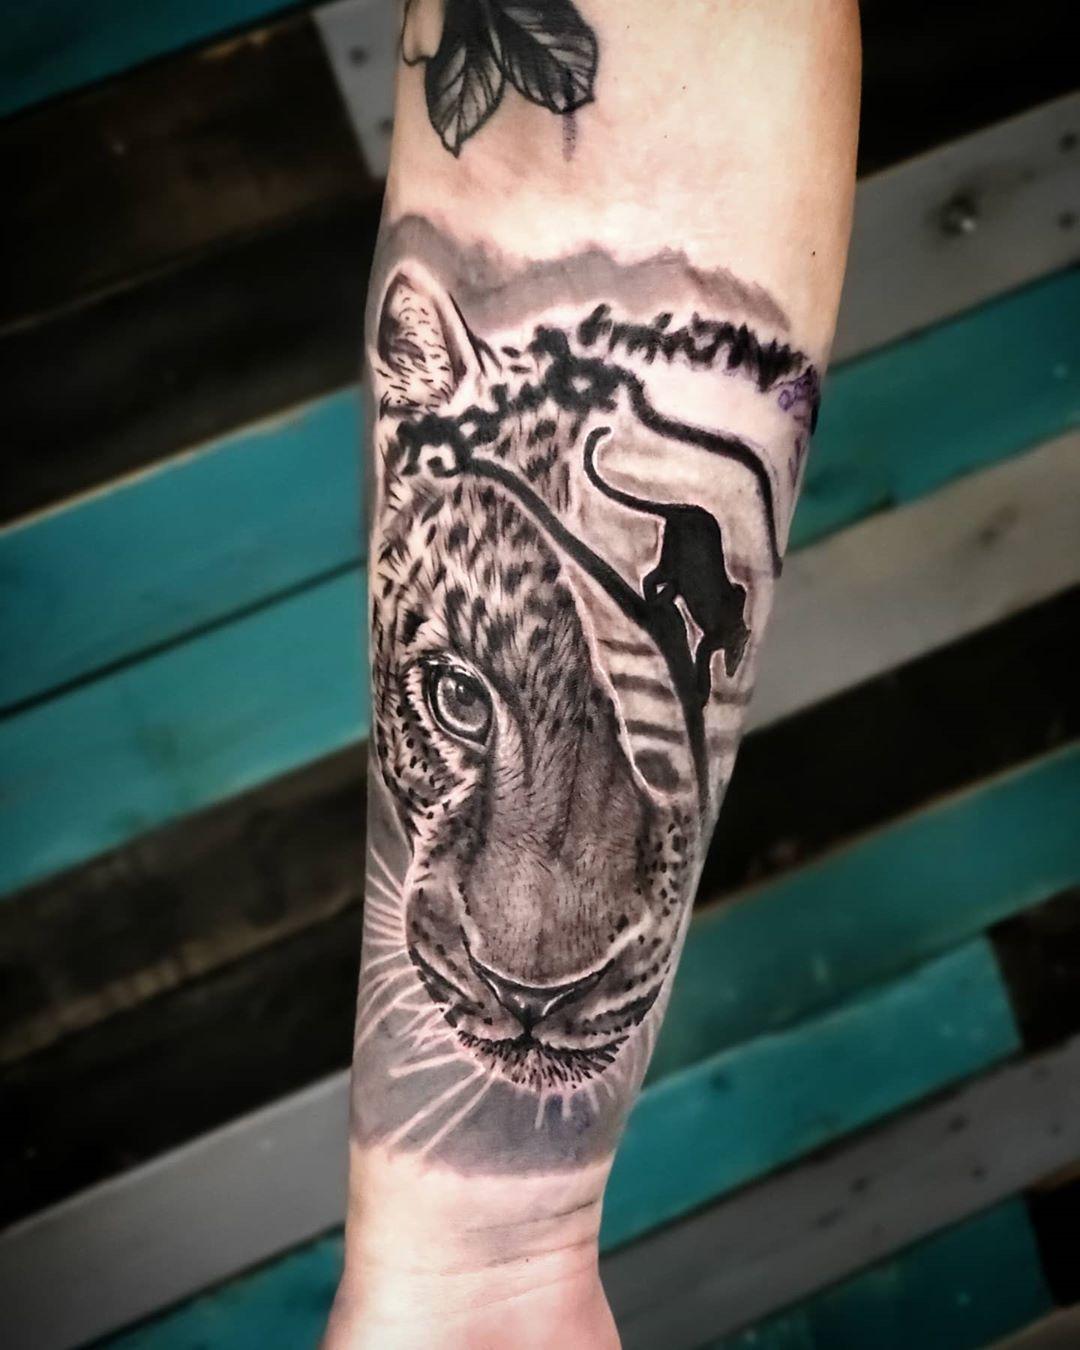 Glad to be back! 🍾🍾🍾 #cheetahtattoo  #tattoos #tattoo #ink #inked #tattooartist #tattooed #art #tattooart #tattoolife #tattoostyle #tattooer #love #blackandgreytattoo #girlswithtattoos #tattooideas #blackwork #inkedgirls #tattoodesign #realismtattoo #portland #portlandtattoo #blackandgrey